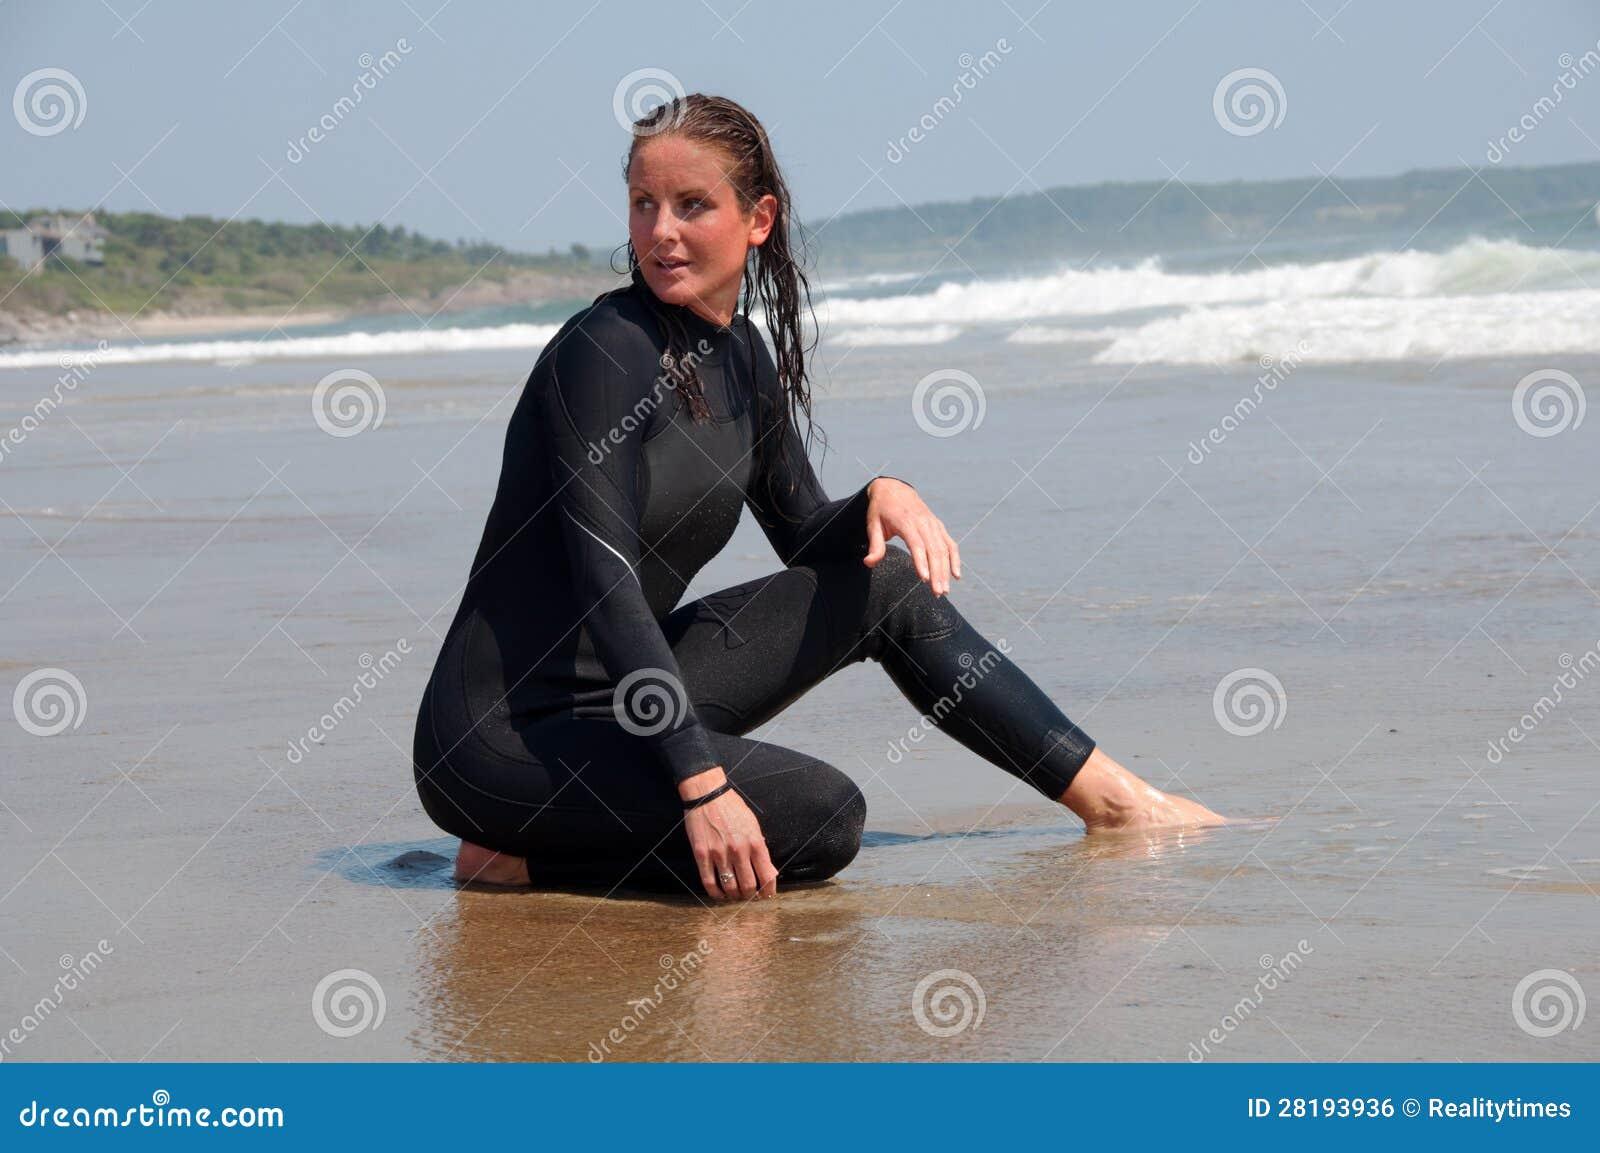 Женщины мокрой одежде картинки фото 743-624